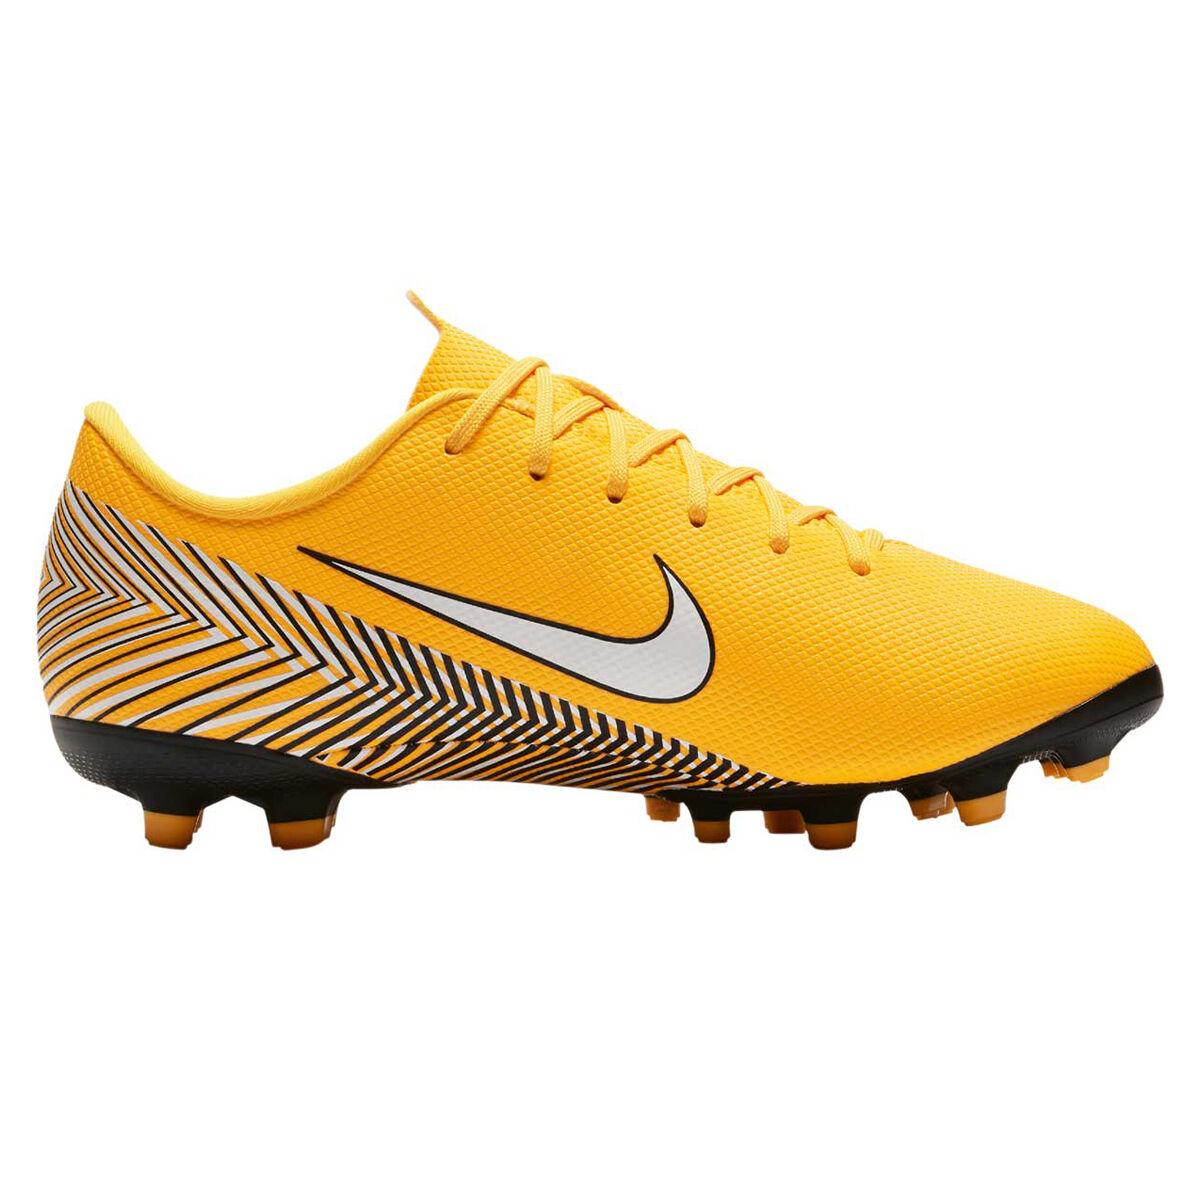 5d200d613 ... get nike mercurial vapor 12 academy neymar jr junior football boots  yellow white us 6 20c5a